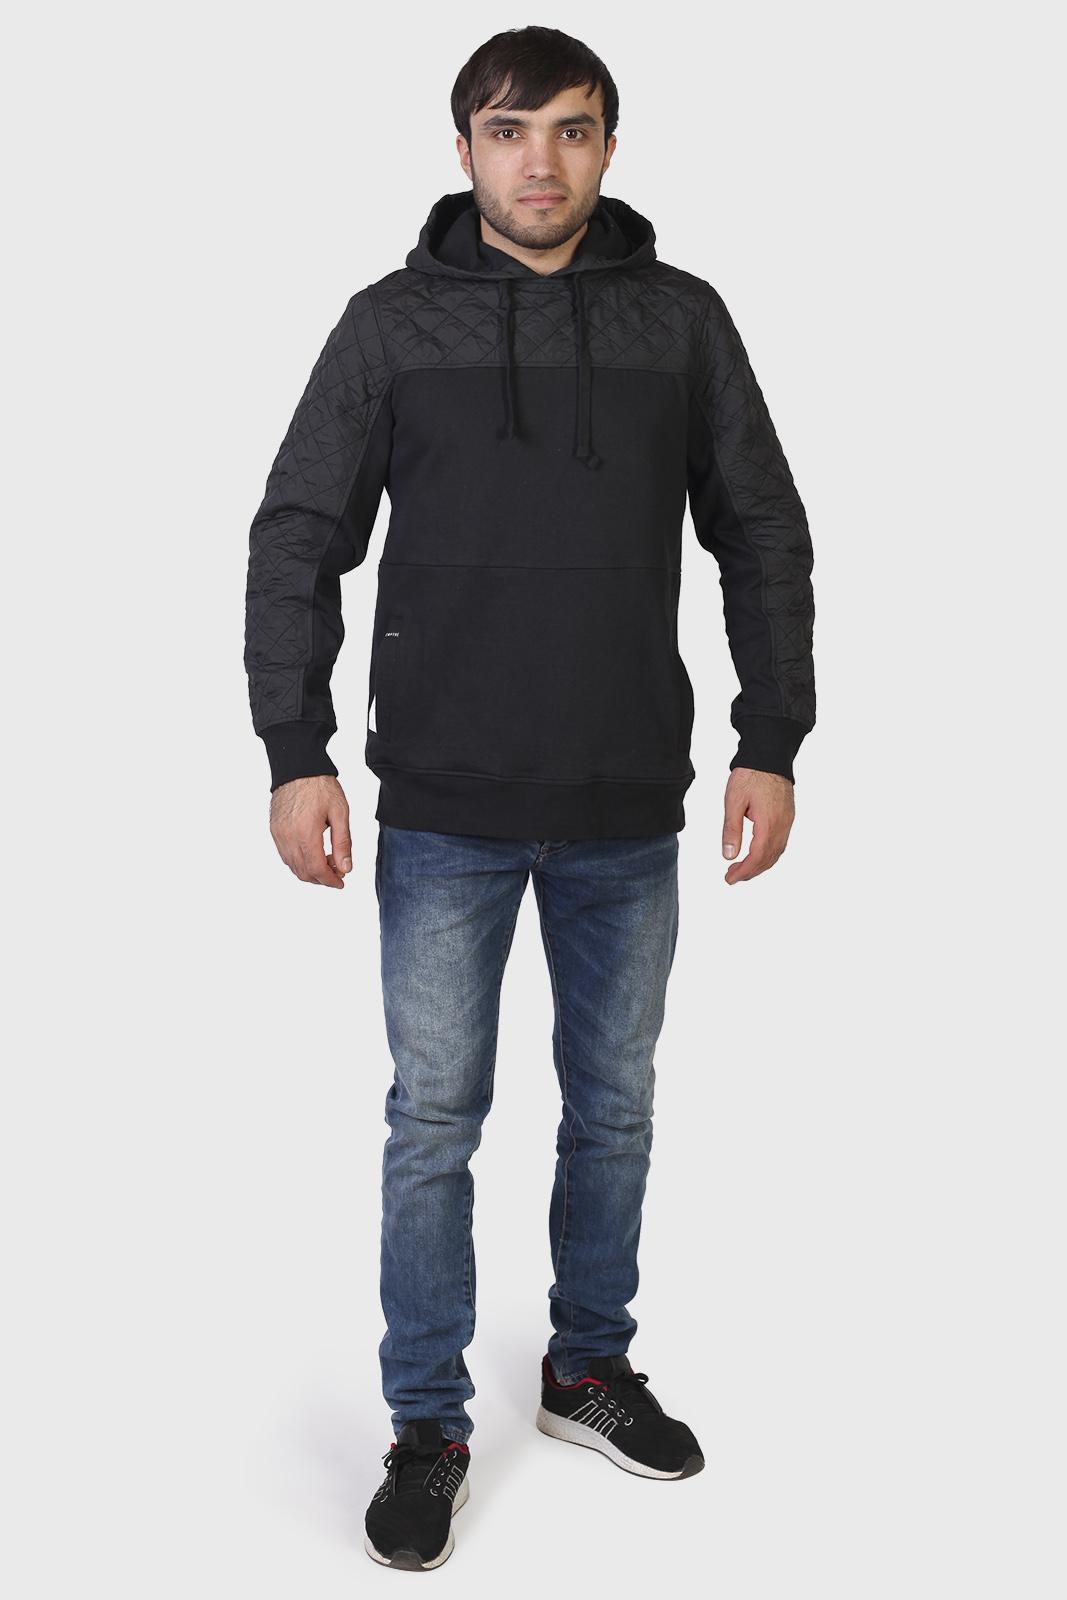 Большой каталог мужской одежды со скидками